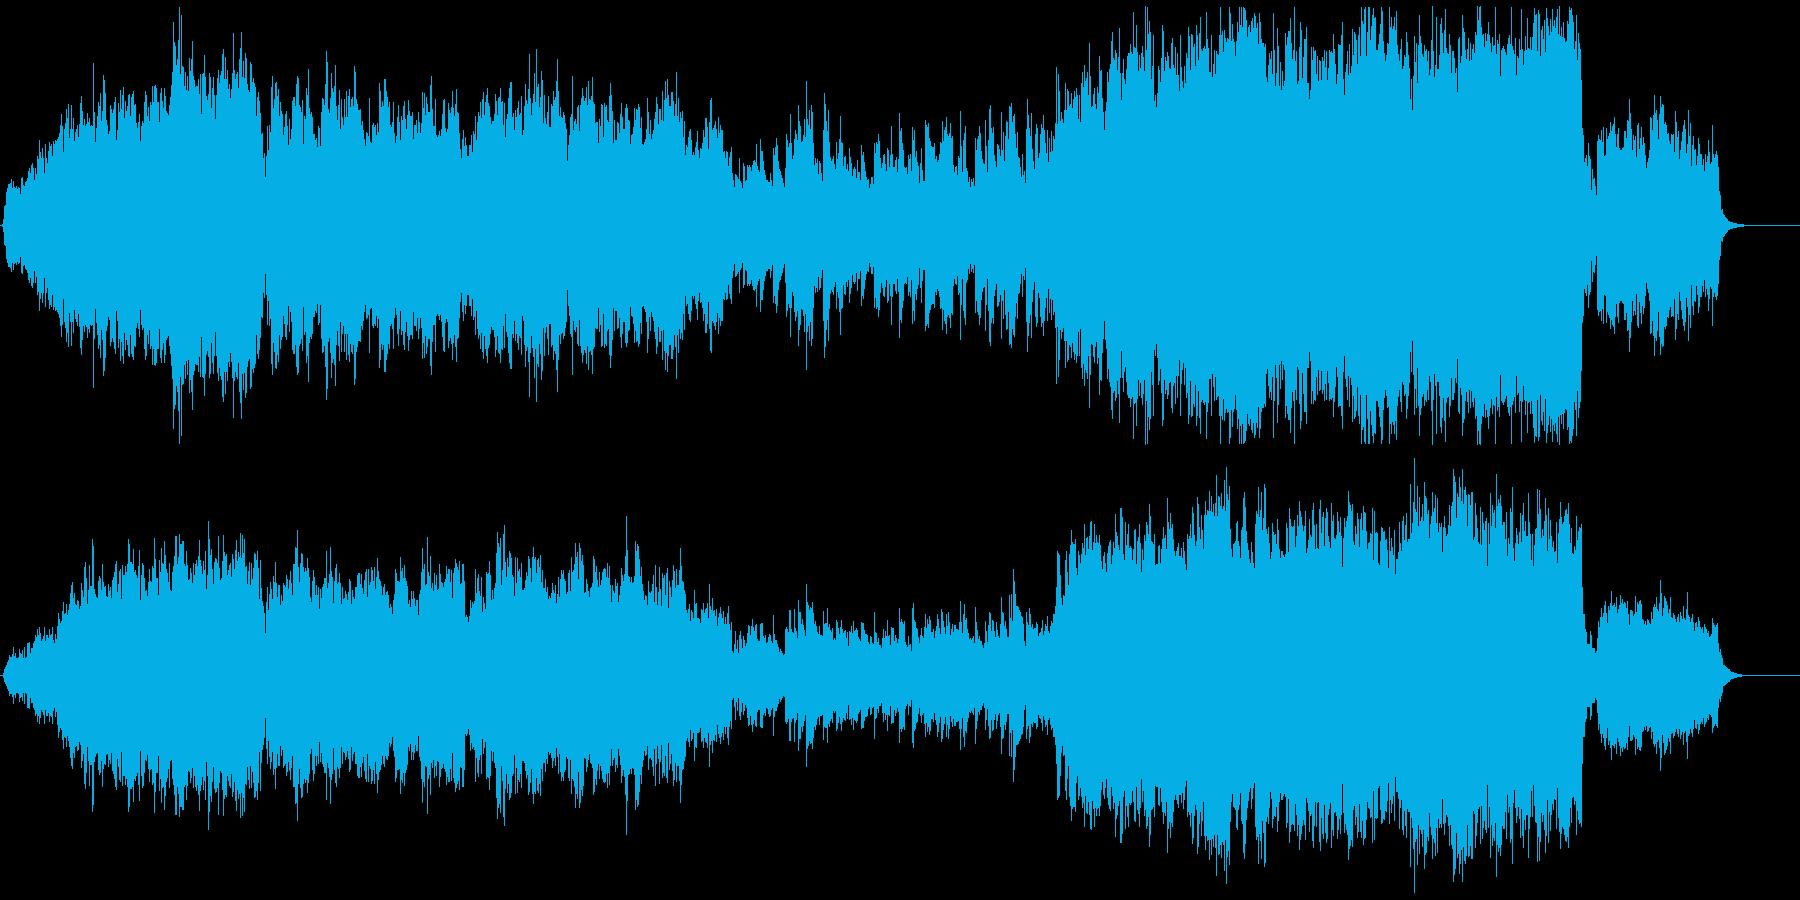 ほのぼのとしたオーケストラ楽曲の再生済みの波形